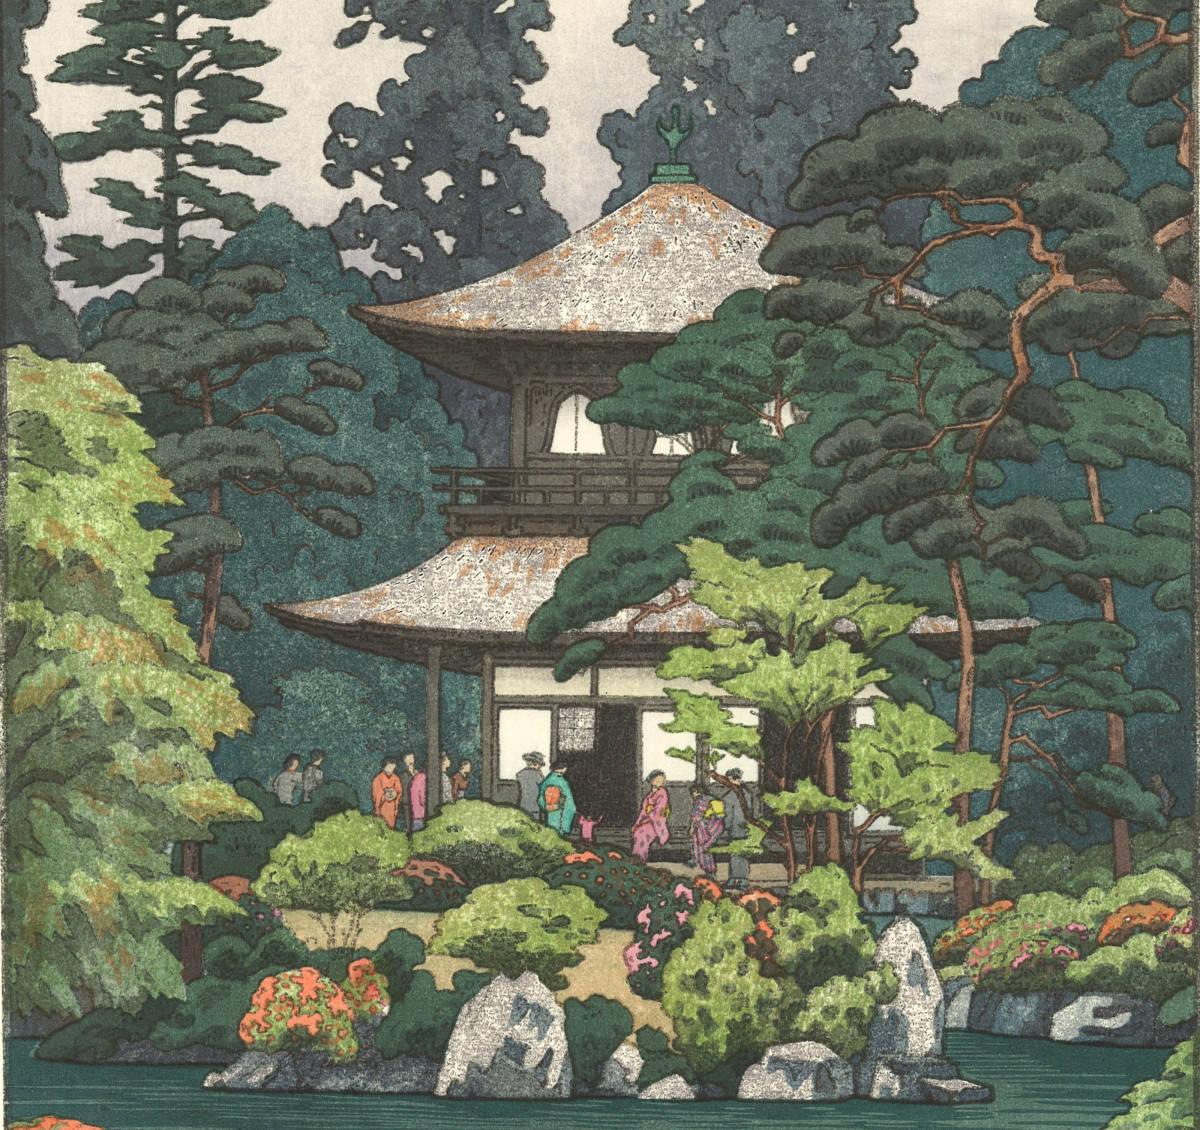 吉田遠志 木版画 015112 銀閣 Silver pavilion kyoto 初摺1951年   最高峰の摺師の技をご堪能下さい!!_画像7